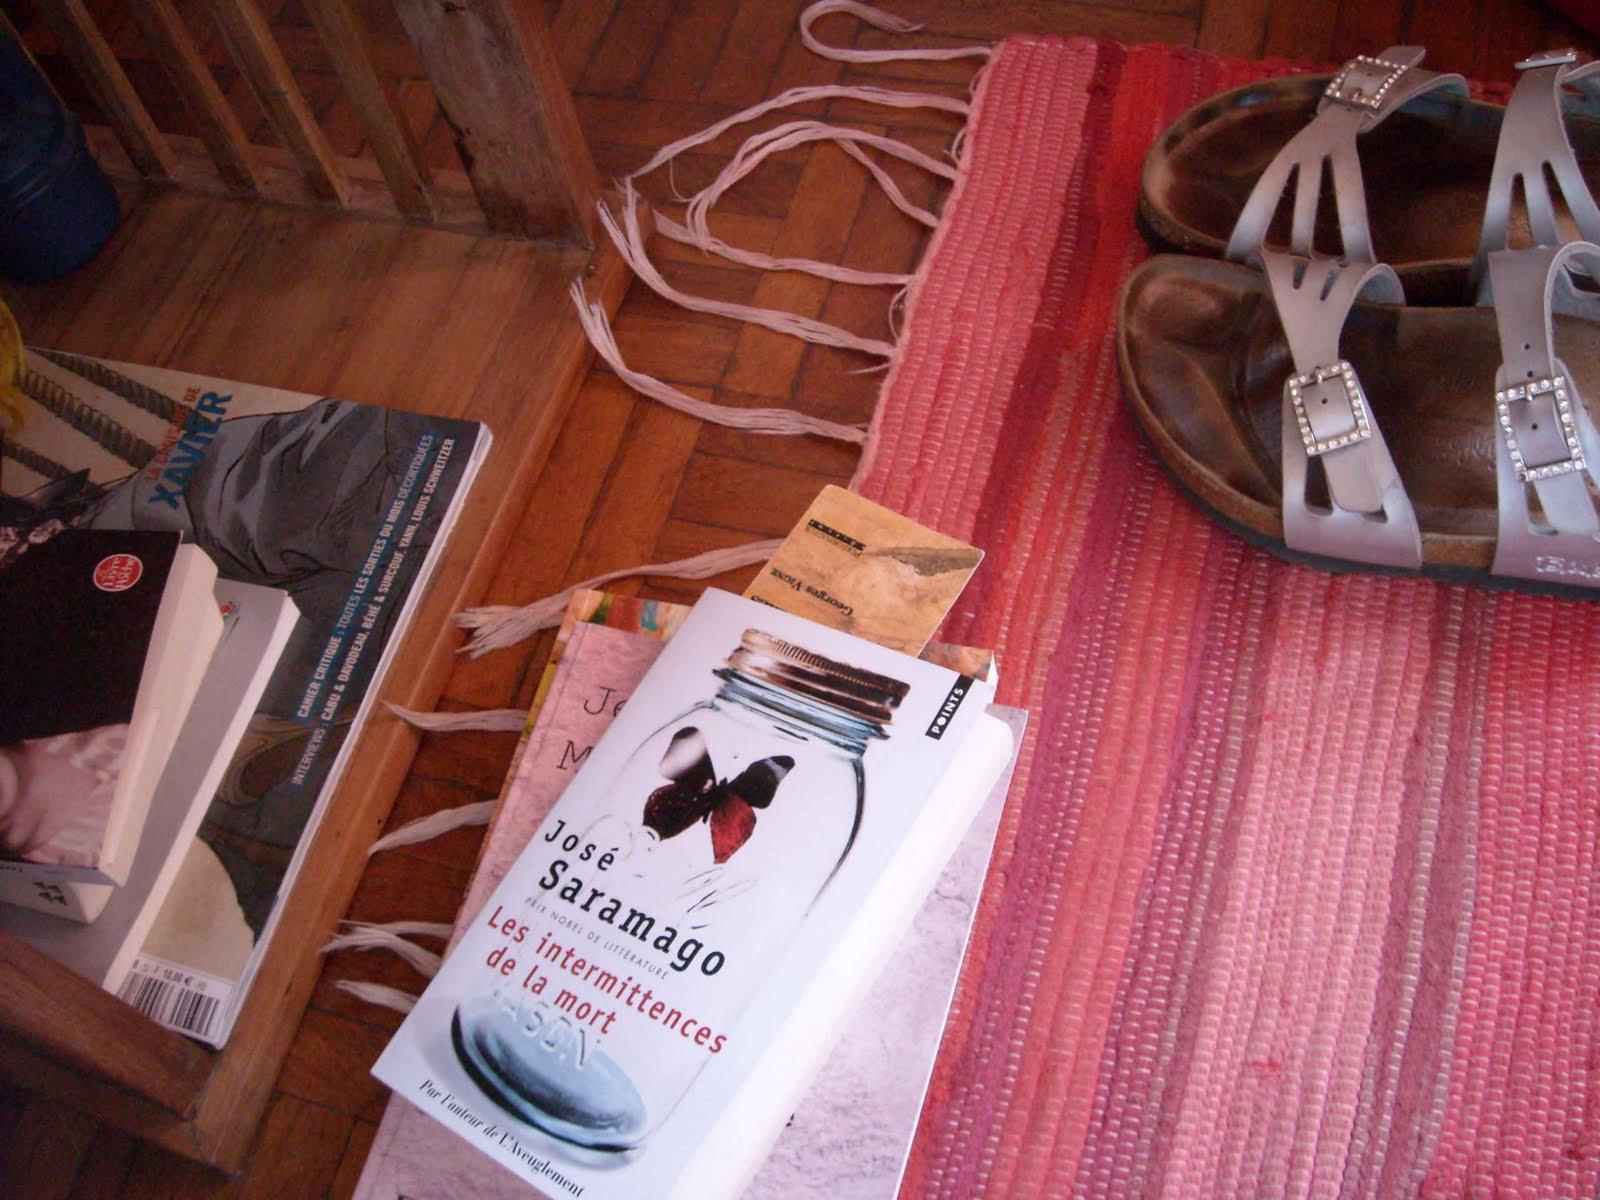 Carnet de loooong s jour voyage autour de ma chambre for Autour de ma chambre